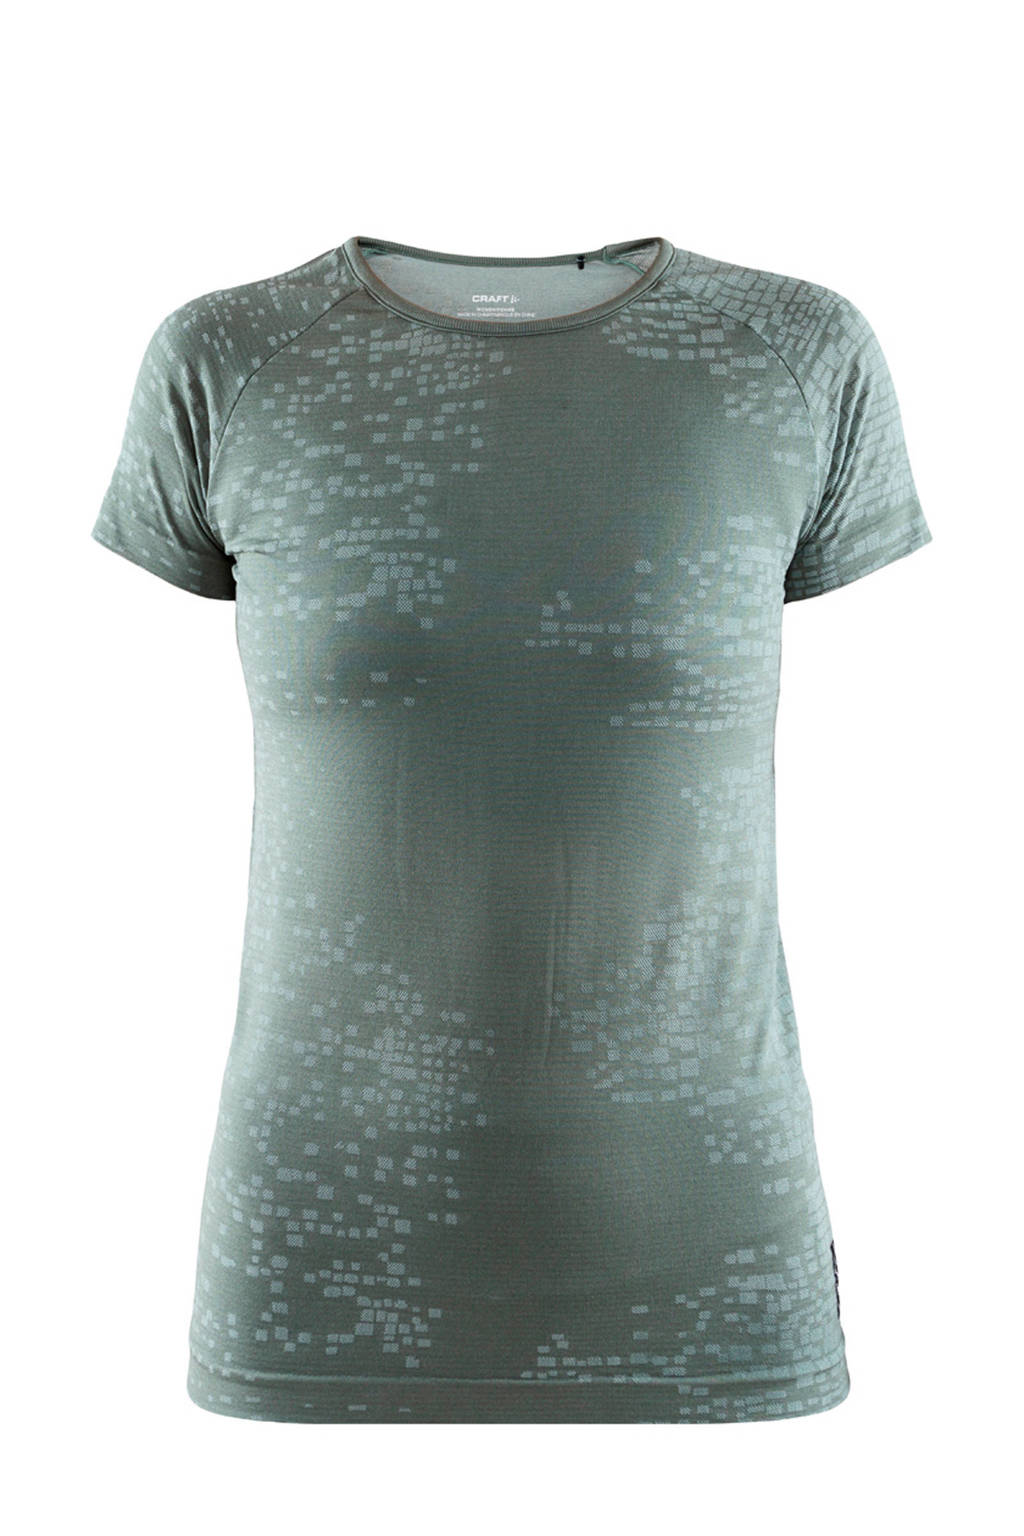 Craft sport T-shirt grijs, Grijs